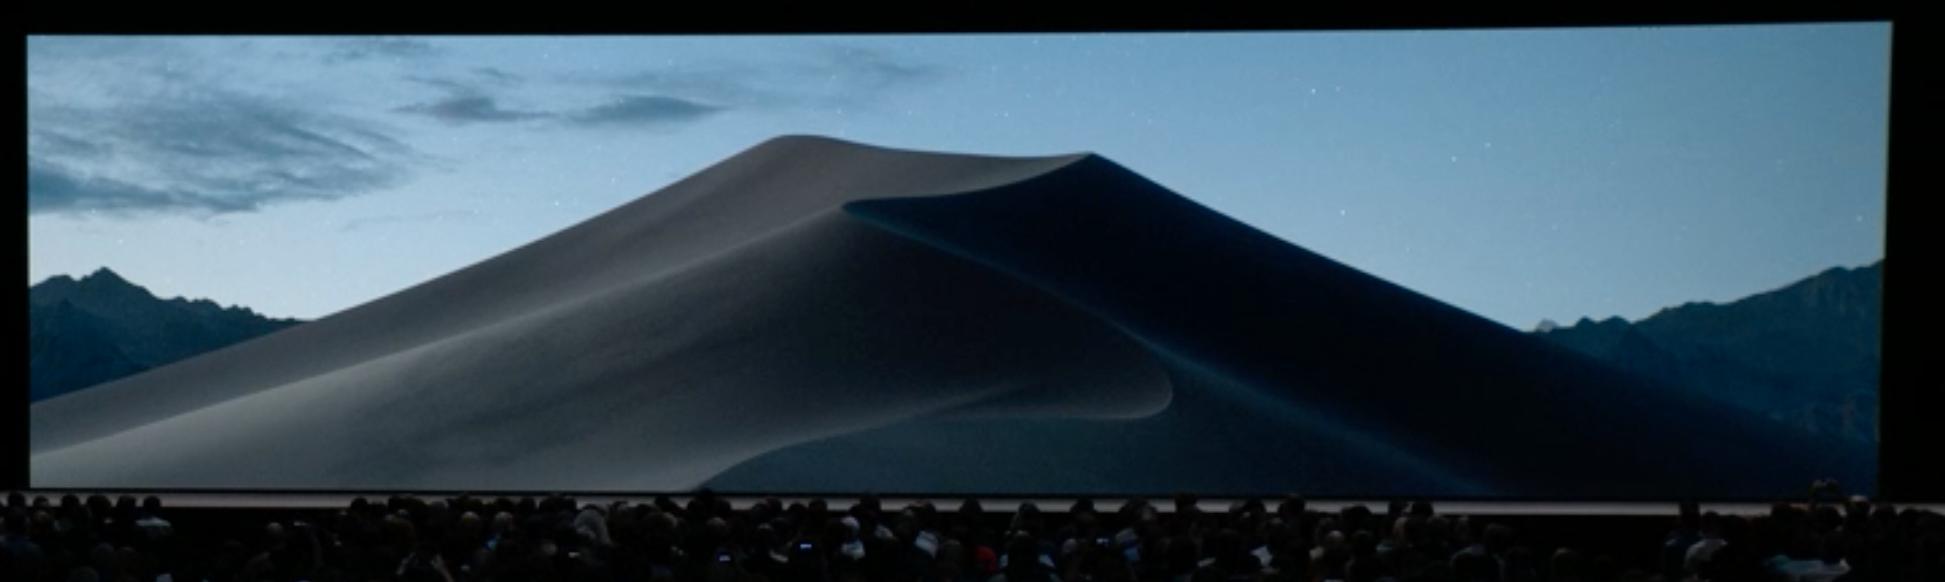 Dark Mode skifter også skrivebordsbakgrunnen. Plutselig er det natt i Mojave-ørkenen.